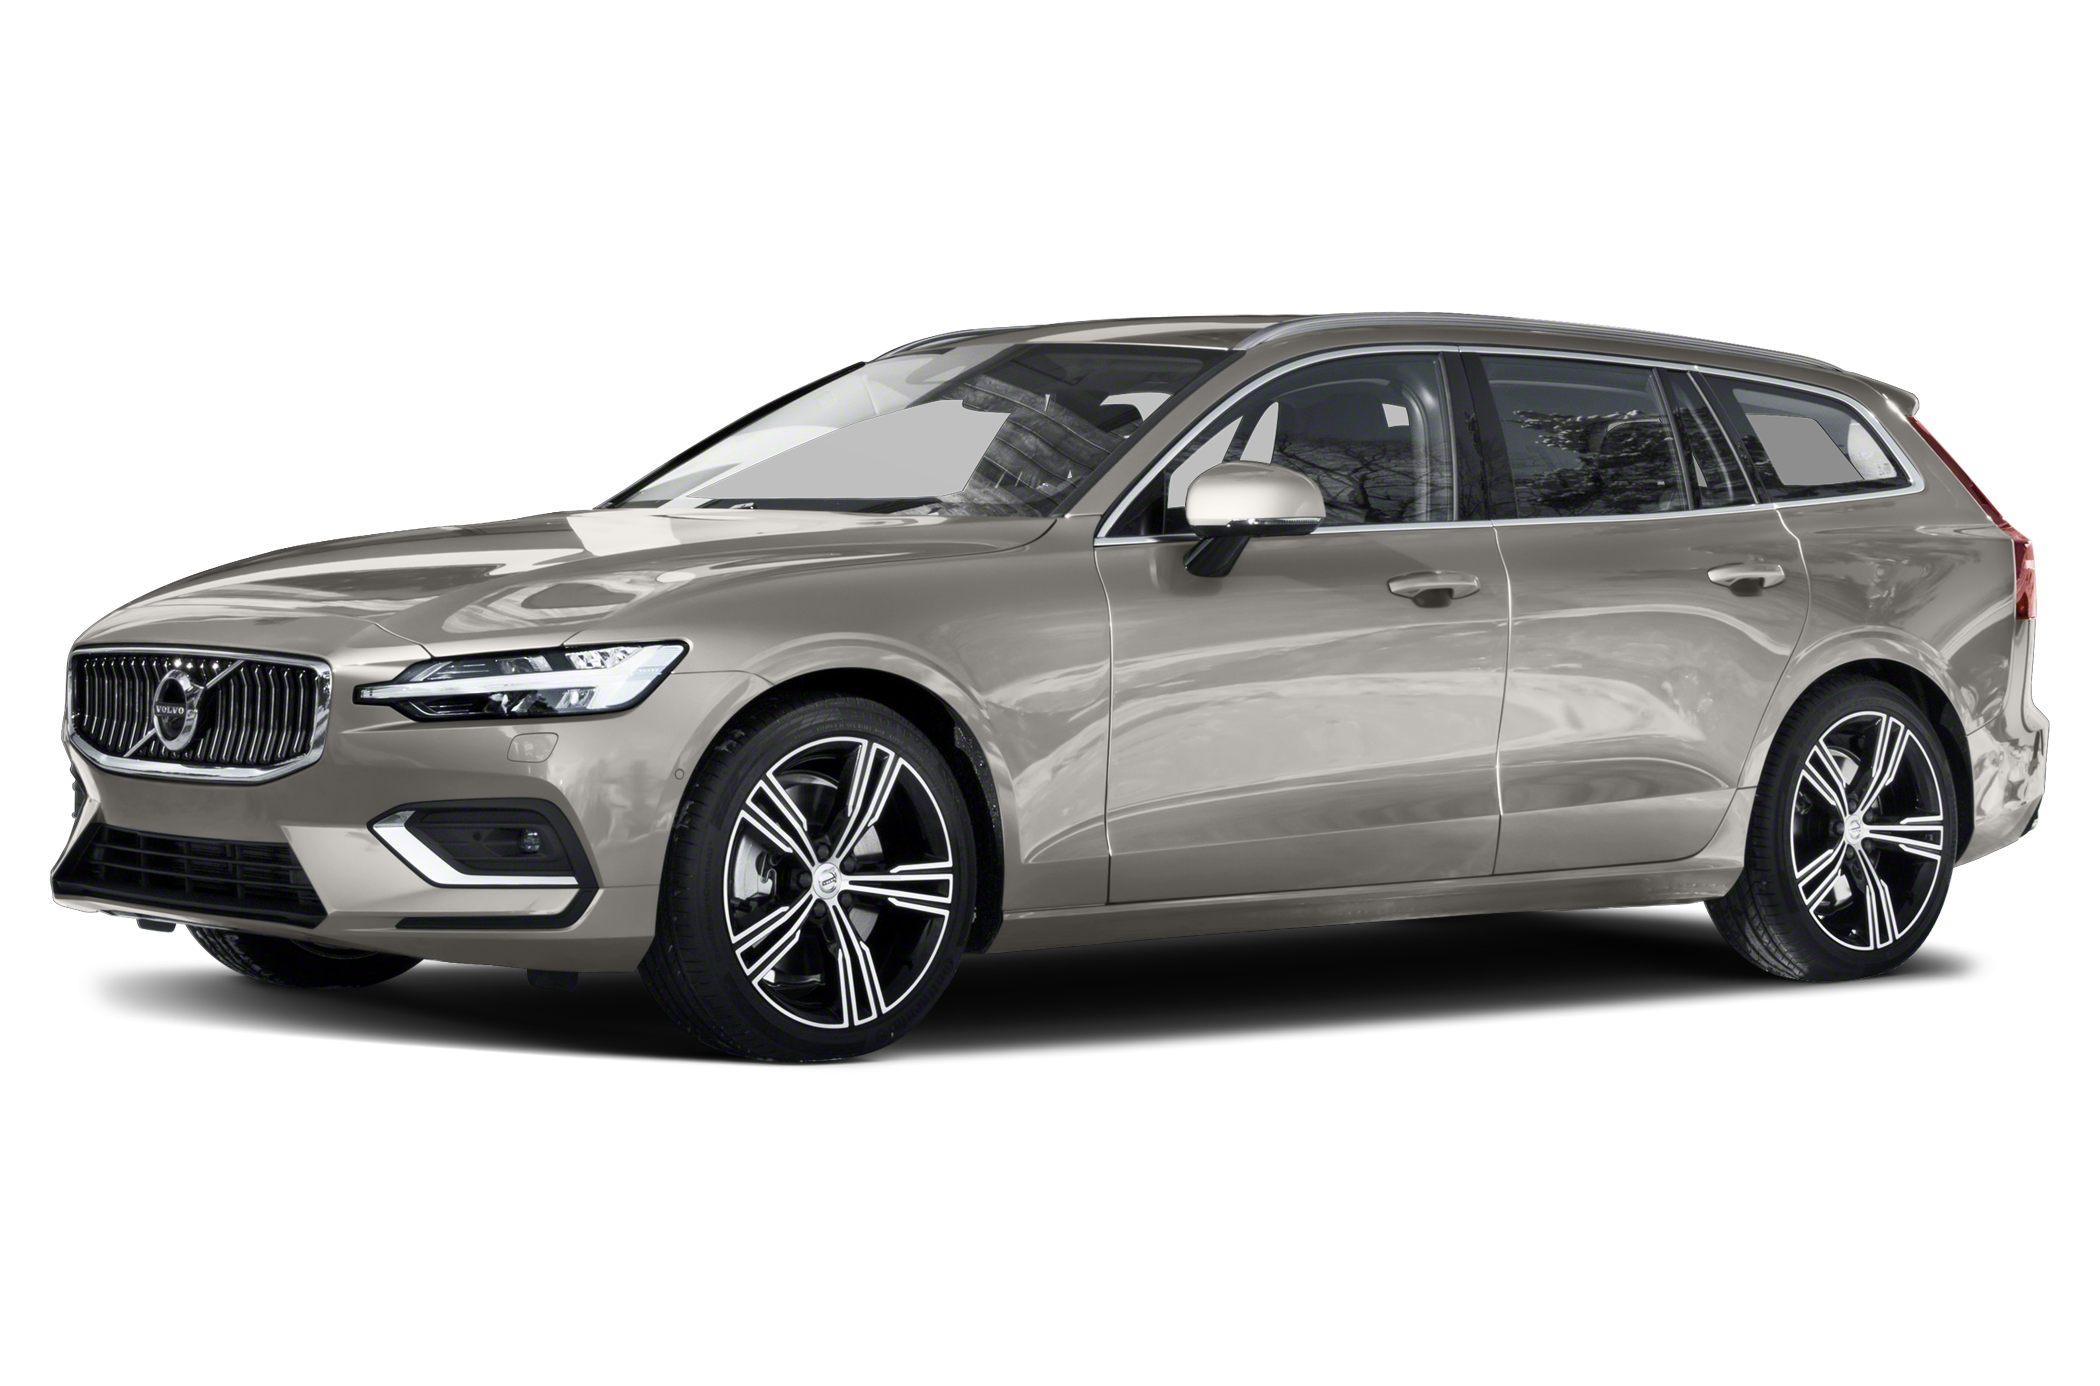 2020 Volvo Xc60 V60 Add Polestar Engineered Models Autoblog